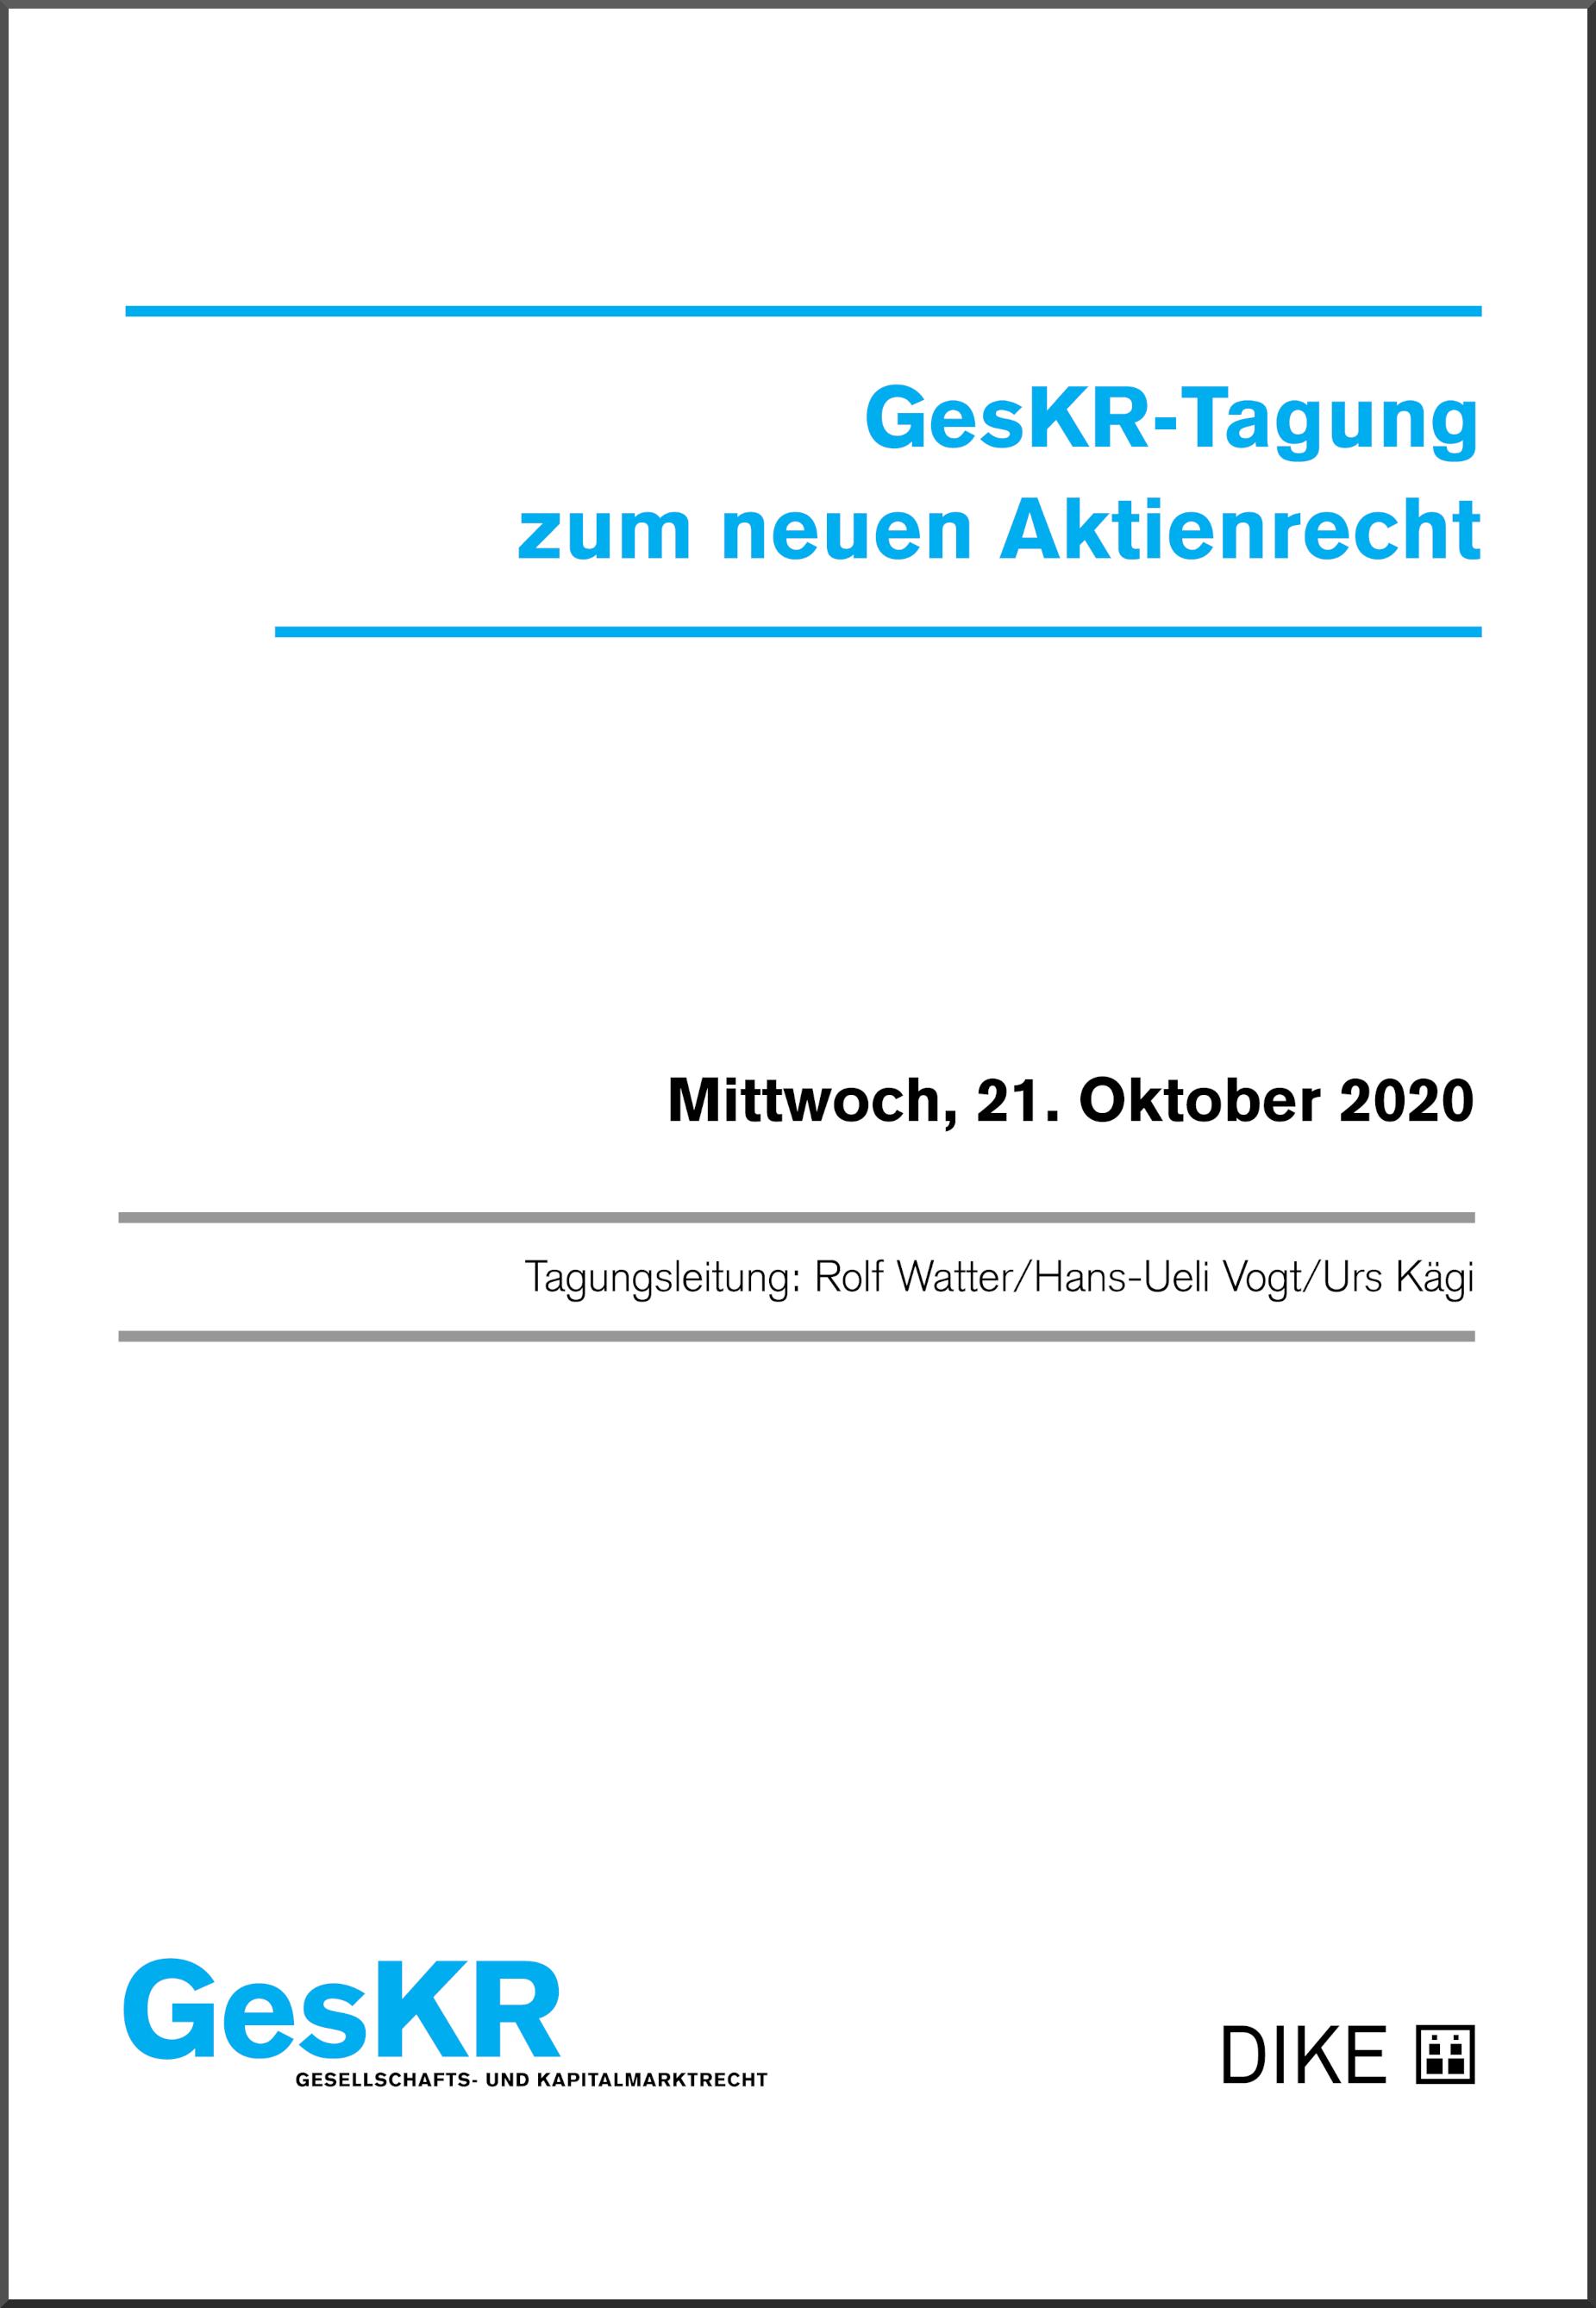 GesKR-Tagung  zum neuen Aktienrecht - Neuerungen bei der Generalversammlung I: Einberufung, Durchführung, Beschlussfassung